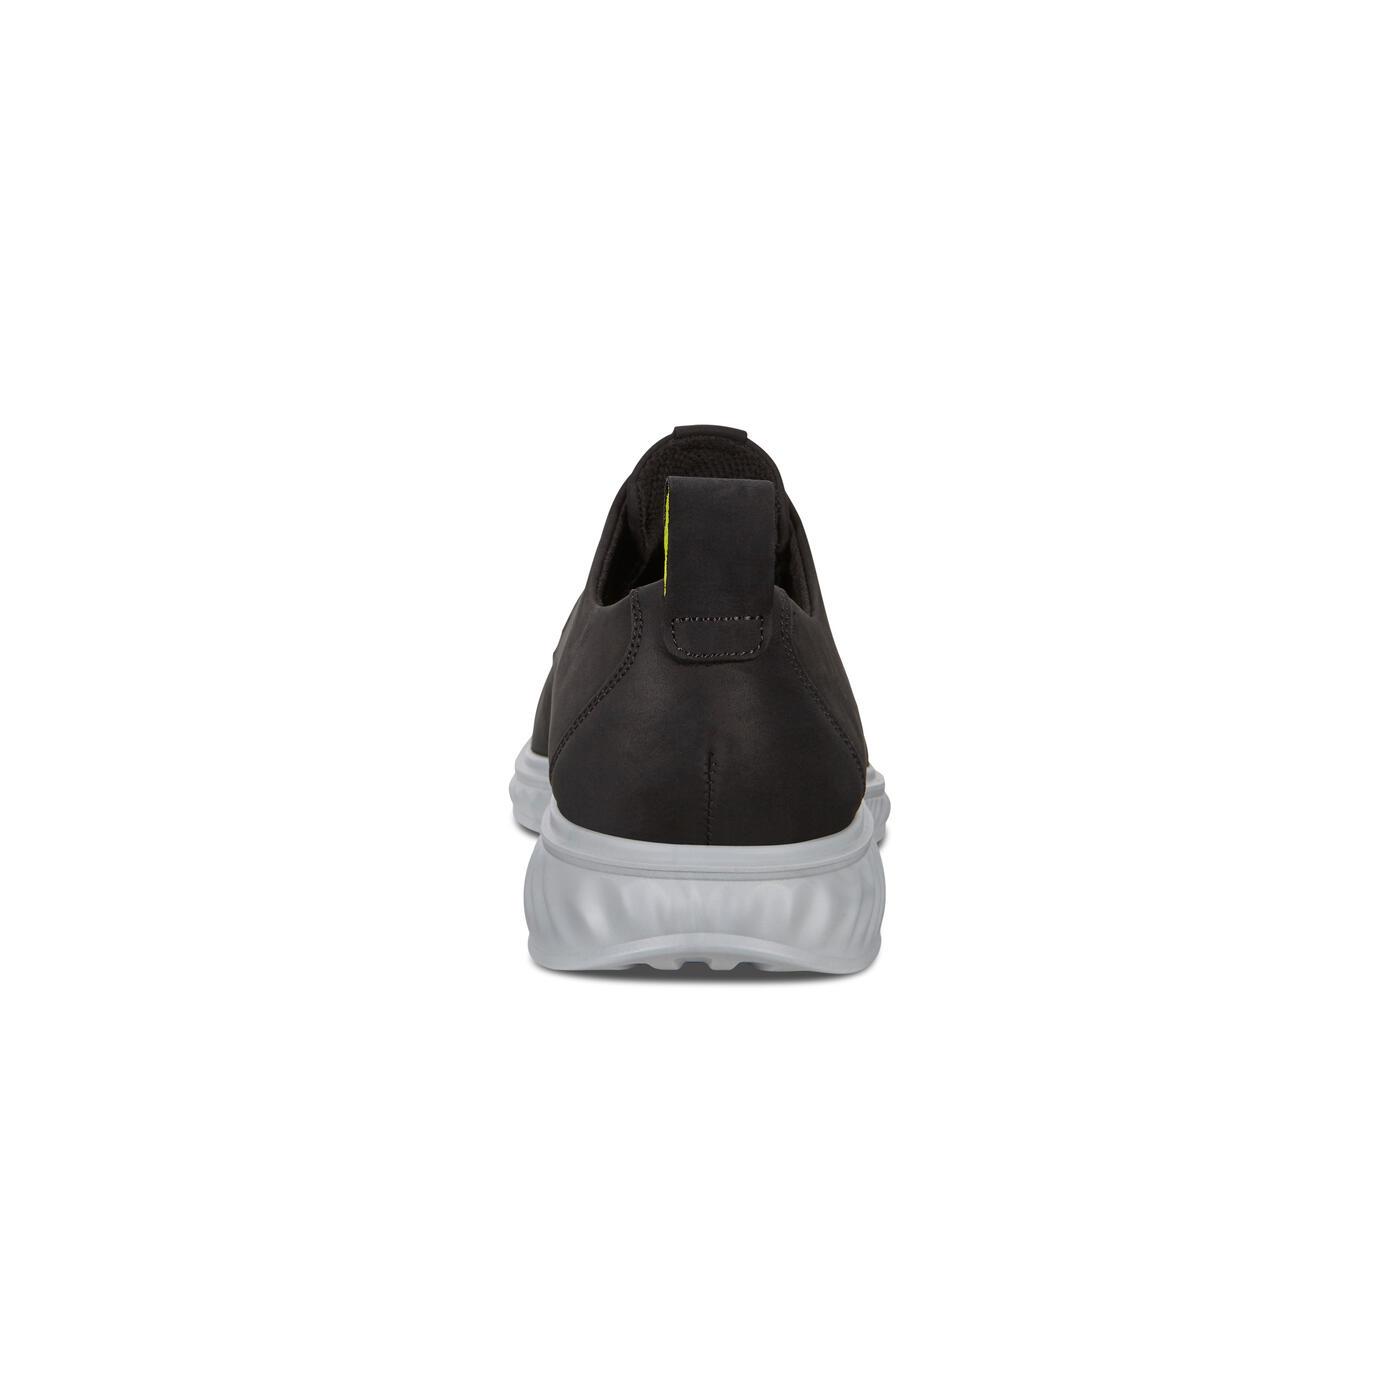 Chaussure ECCO ST.1 Hybrid Lite Derby